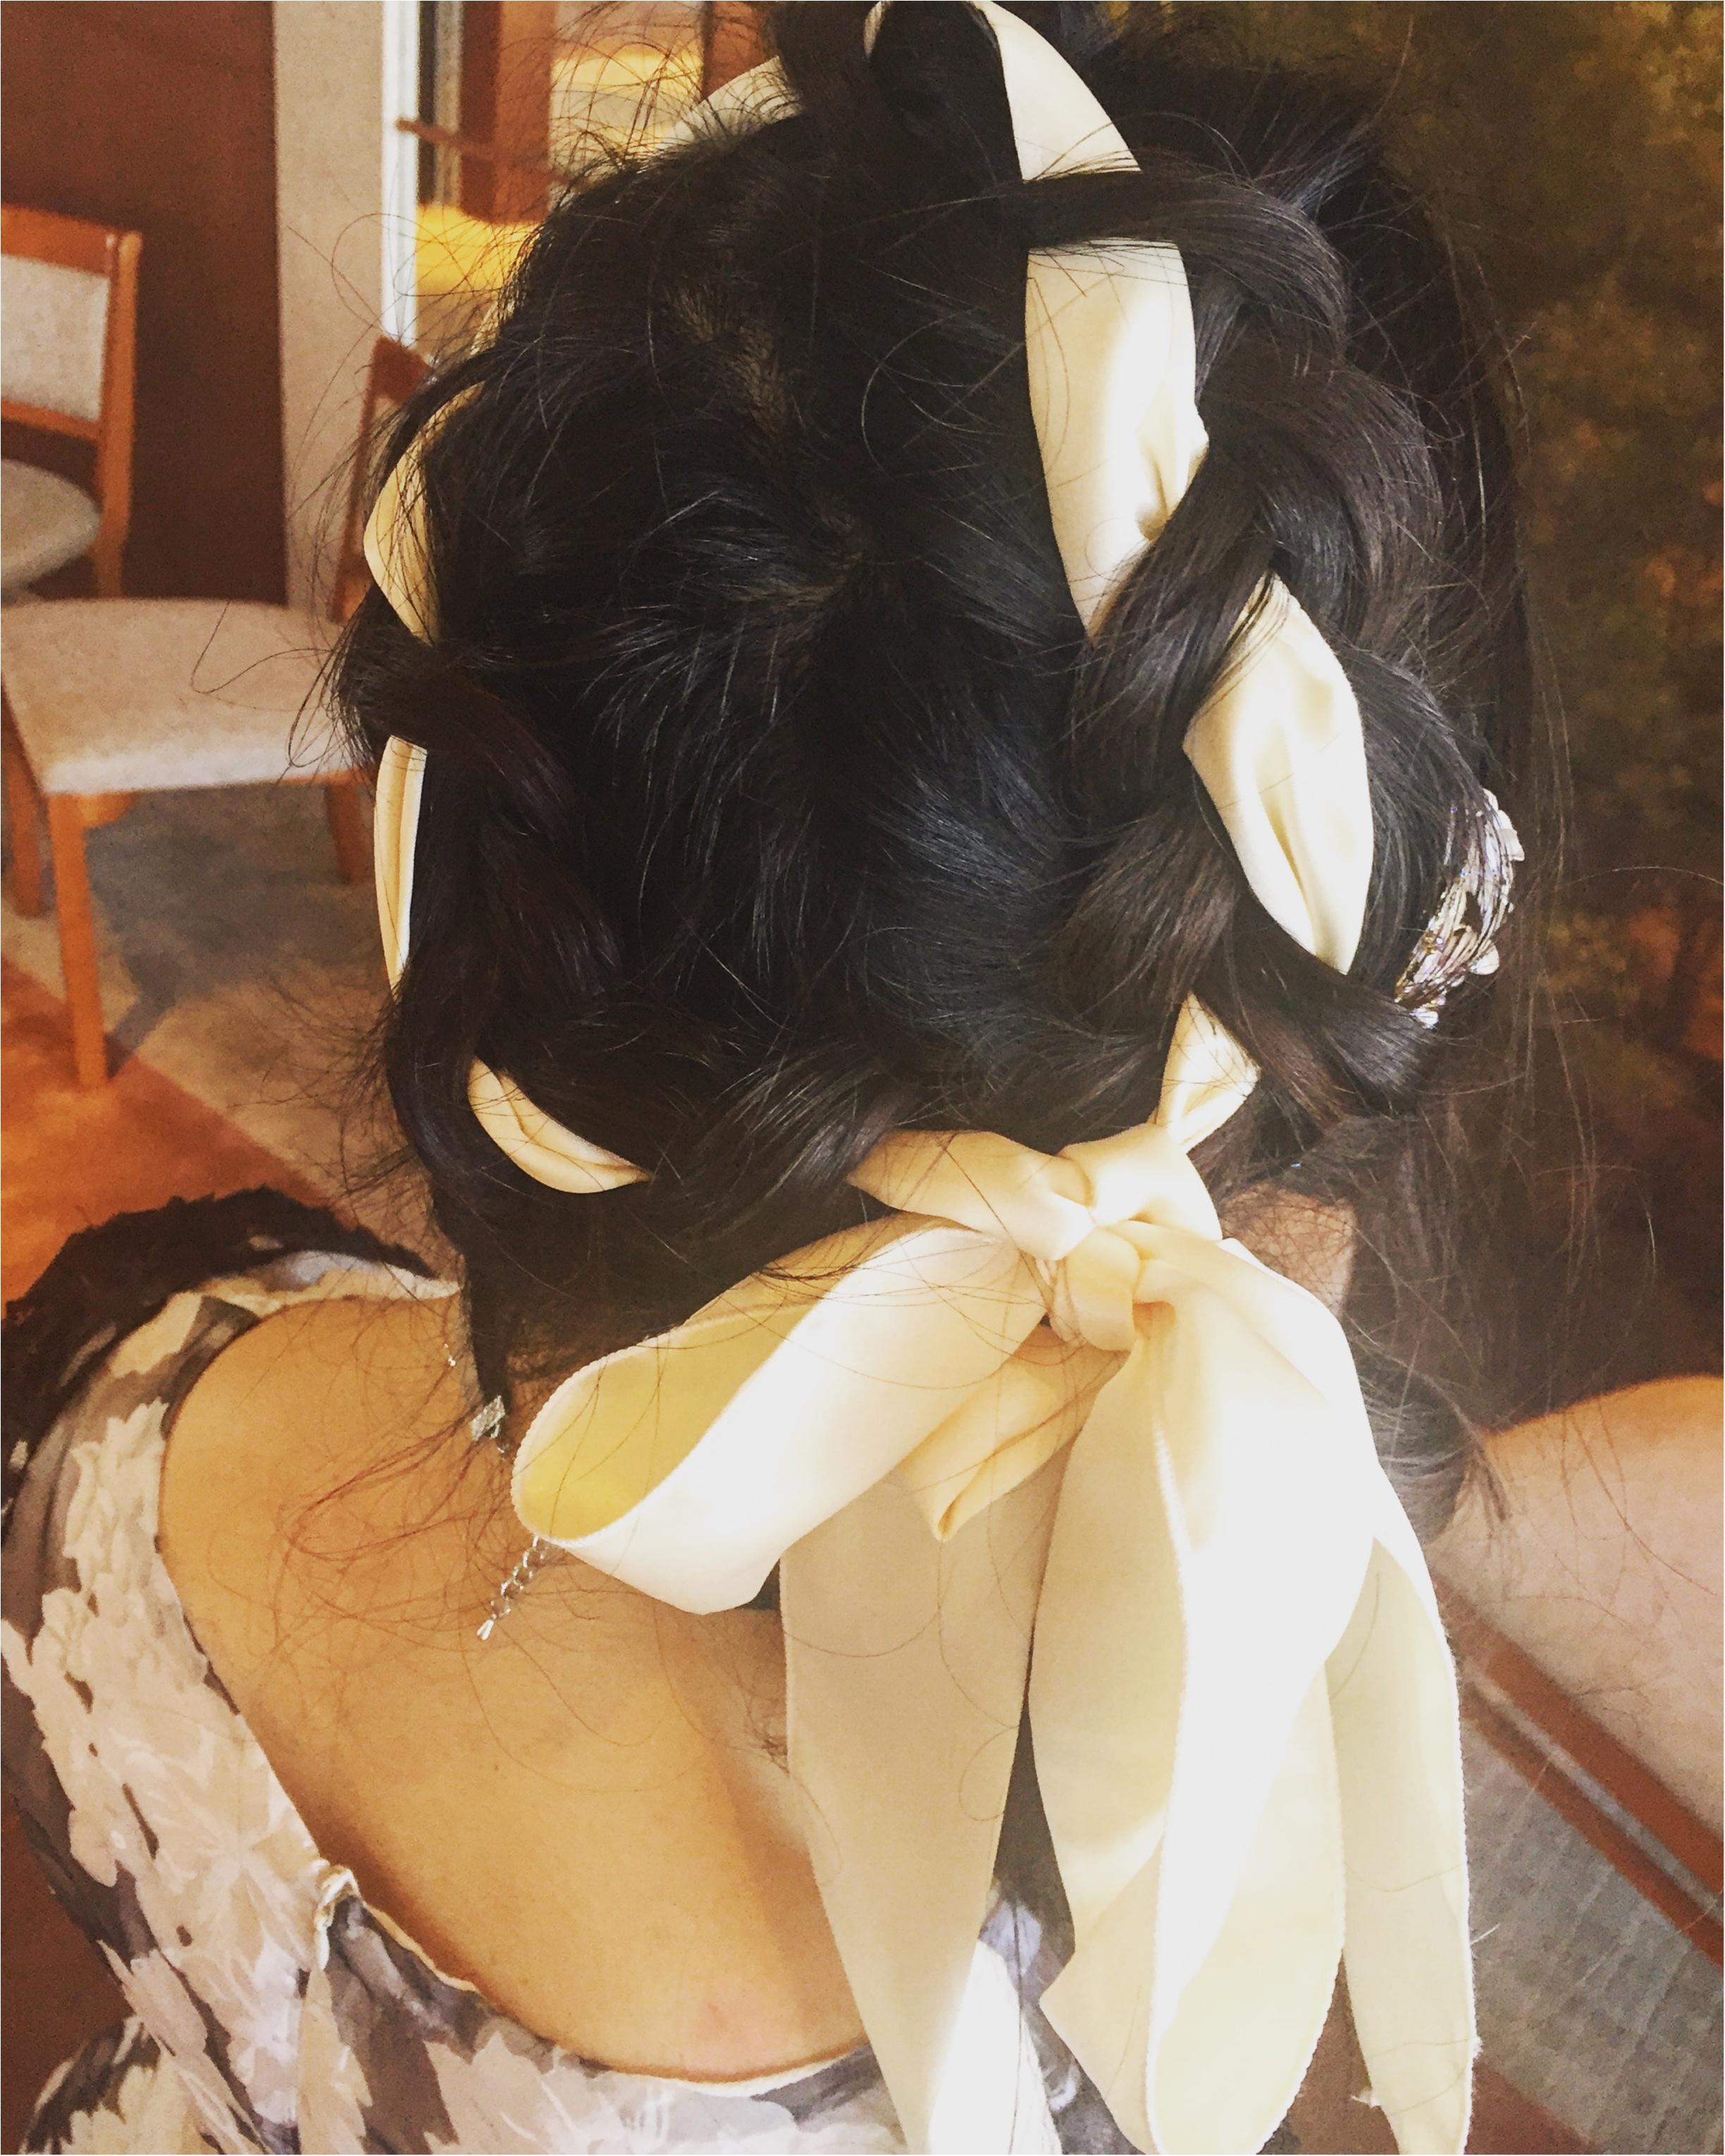 【Party Hair】リボンを使った編み込みアップヘア♡vif art新宿店なら¥2,500でヘアセットできちゃう✨≪samenyan≫_1